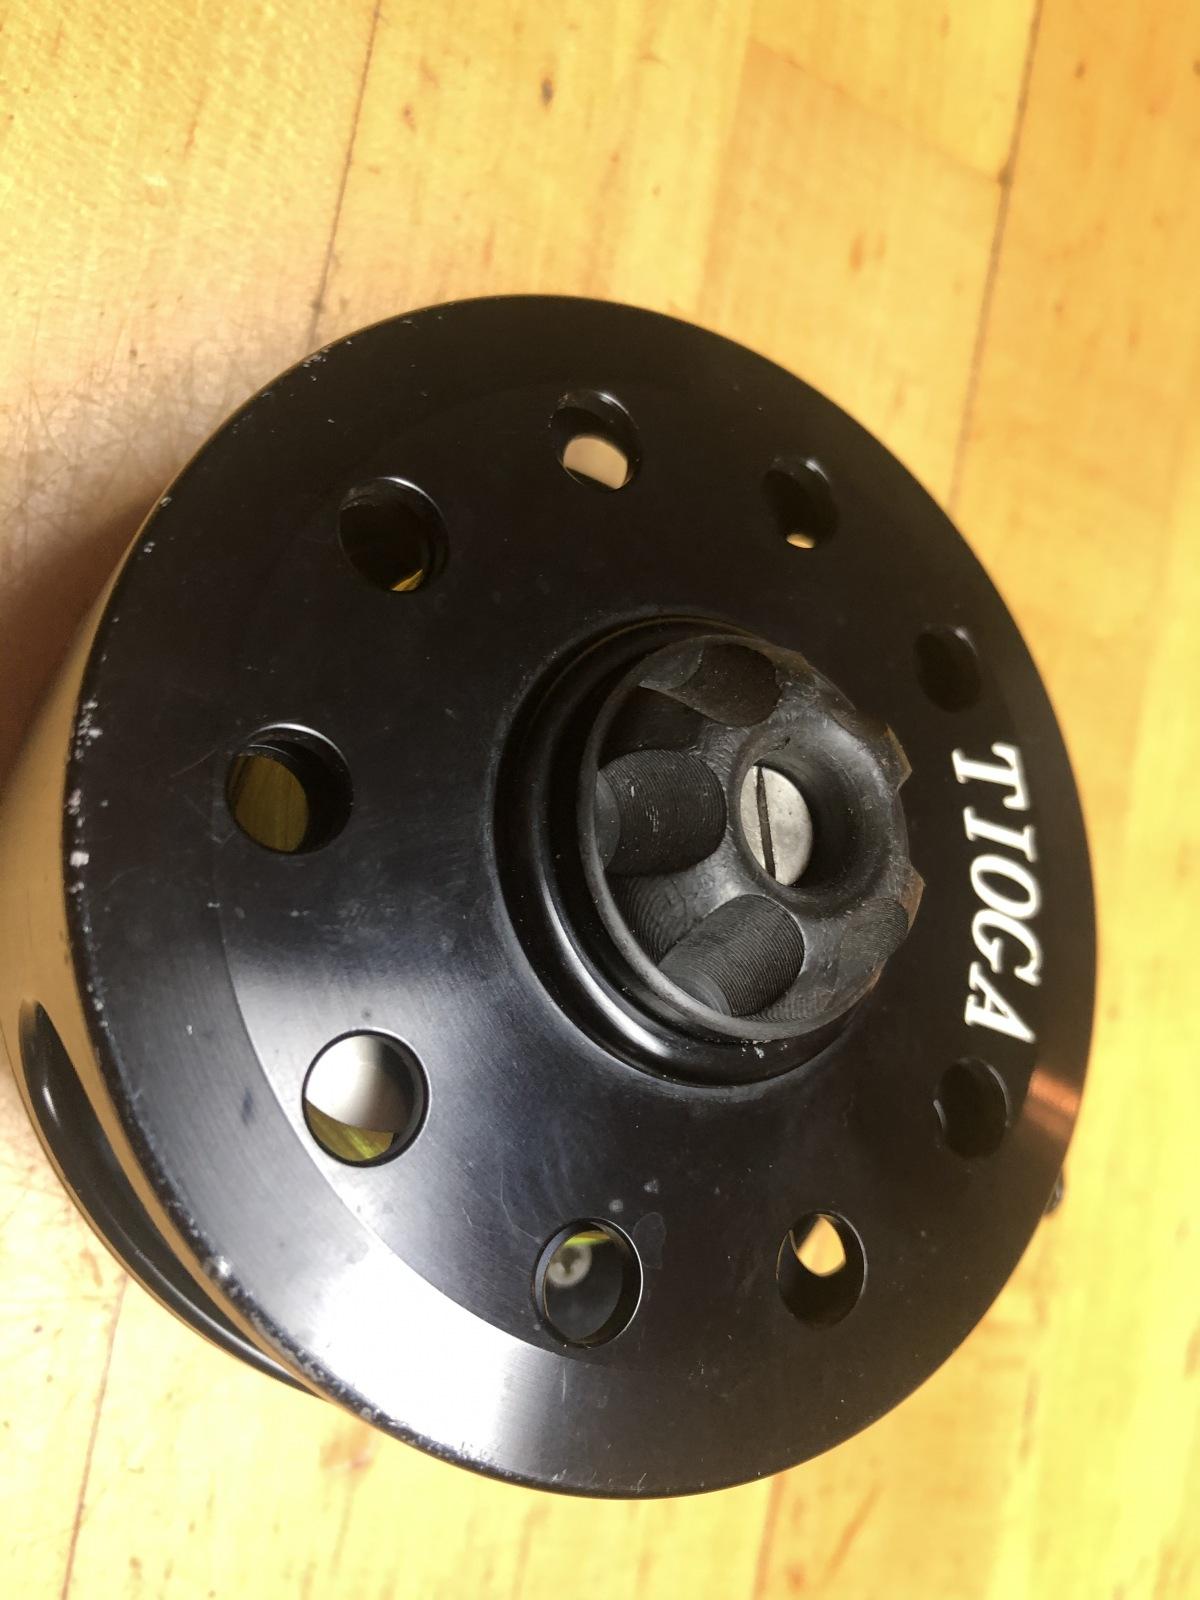 F2389A3D-A970-42E3-BA24-55355D167613.jpeg